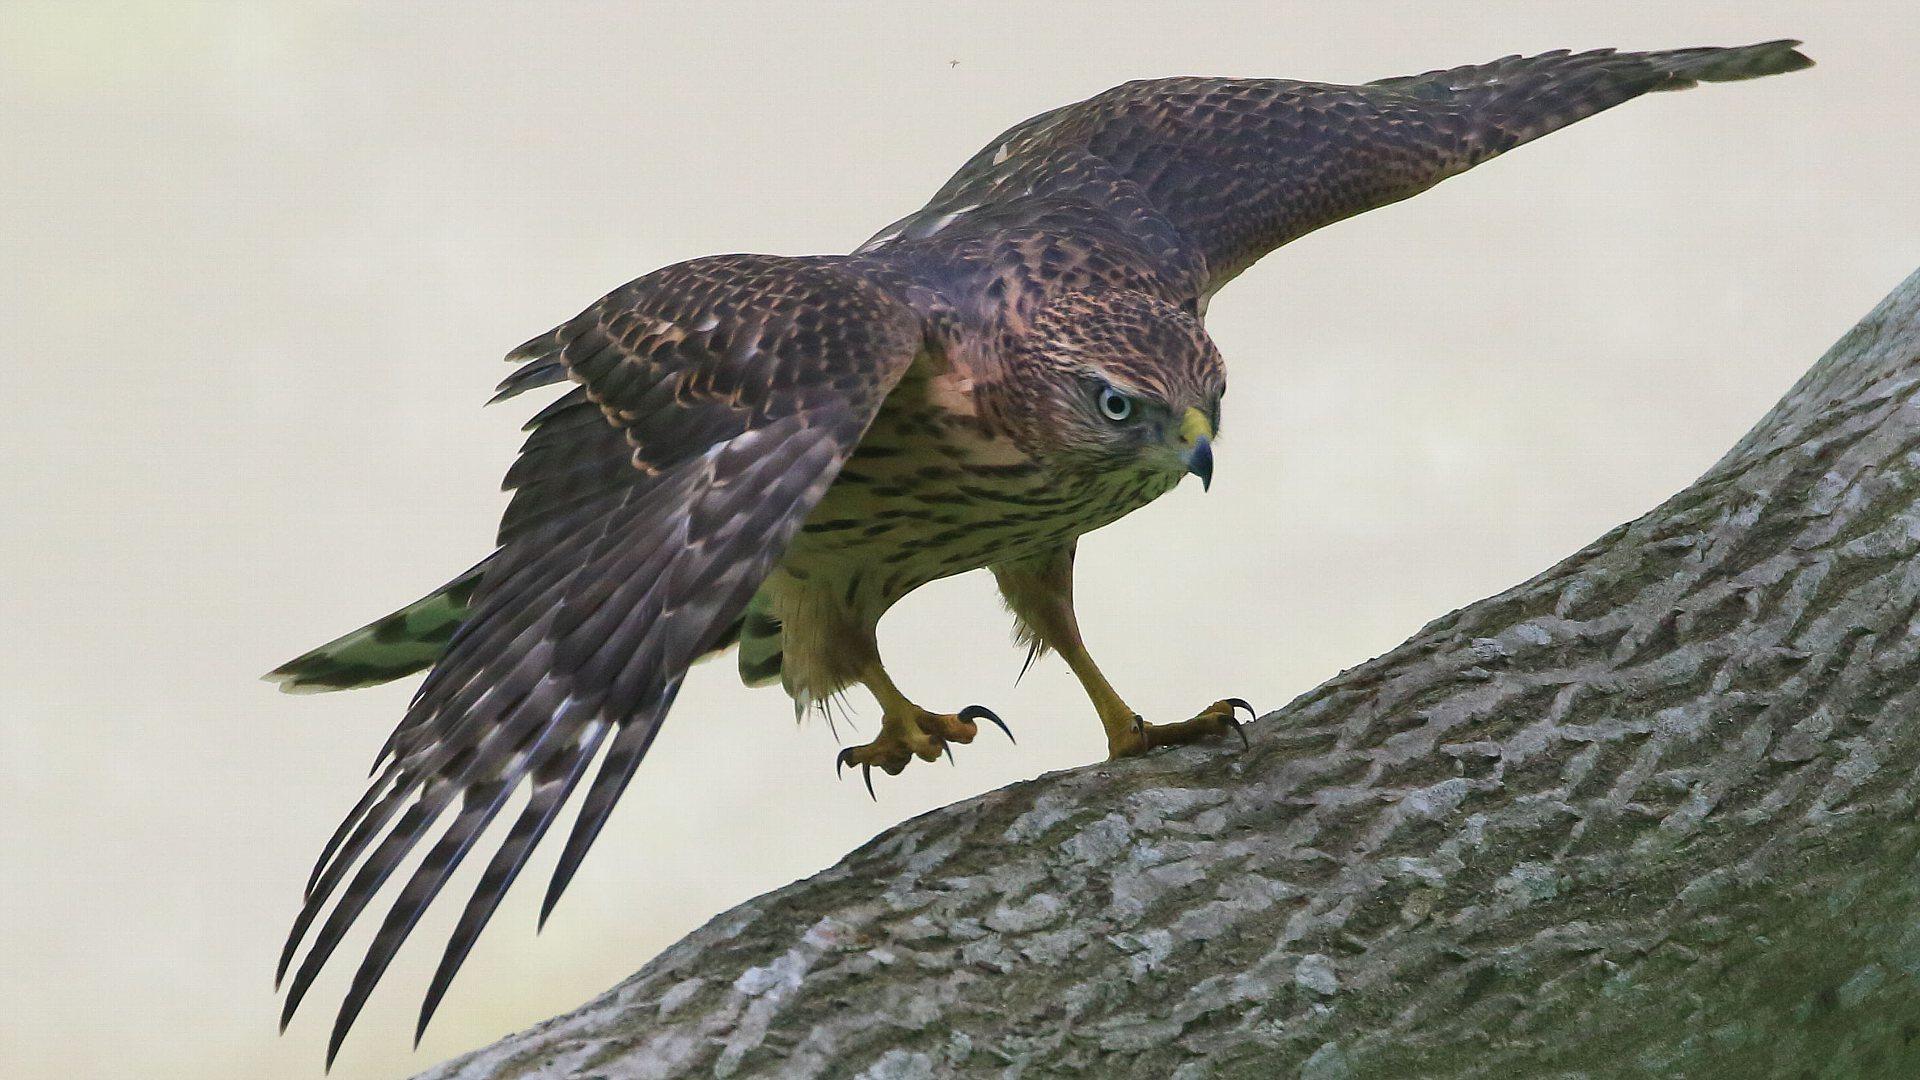 またまたオオタカ幼鳥!_f0105570_21261604.jpg